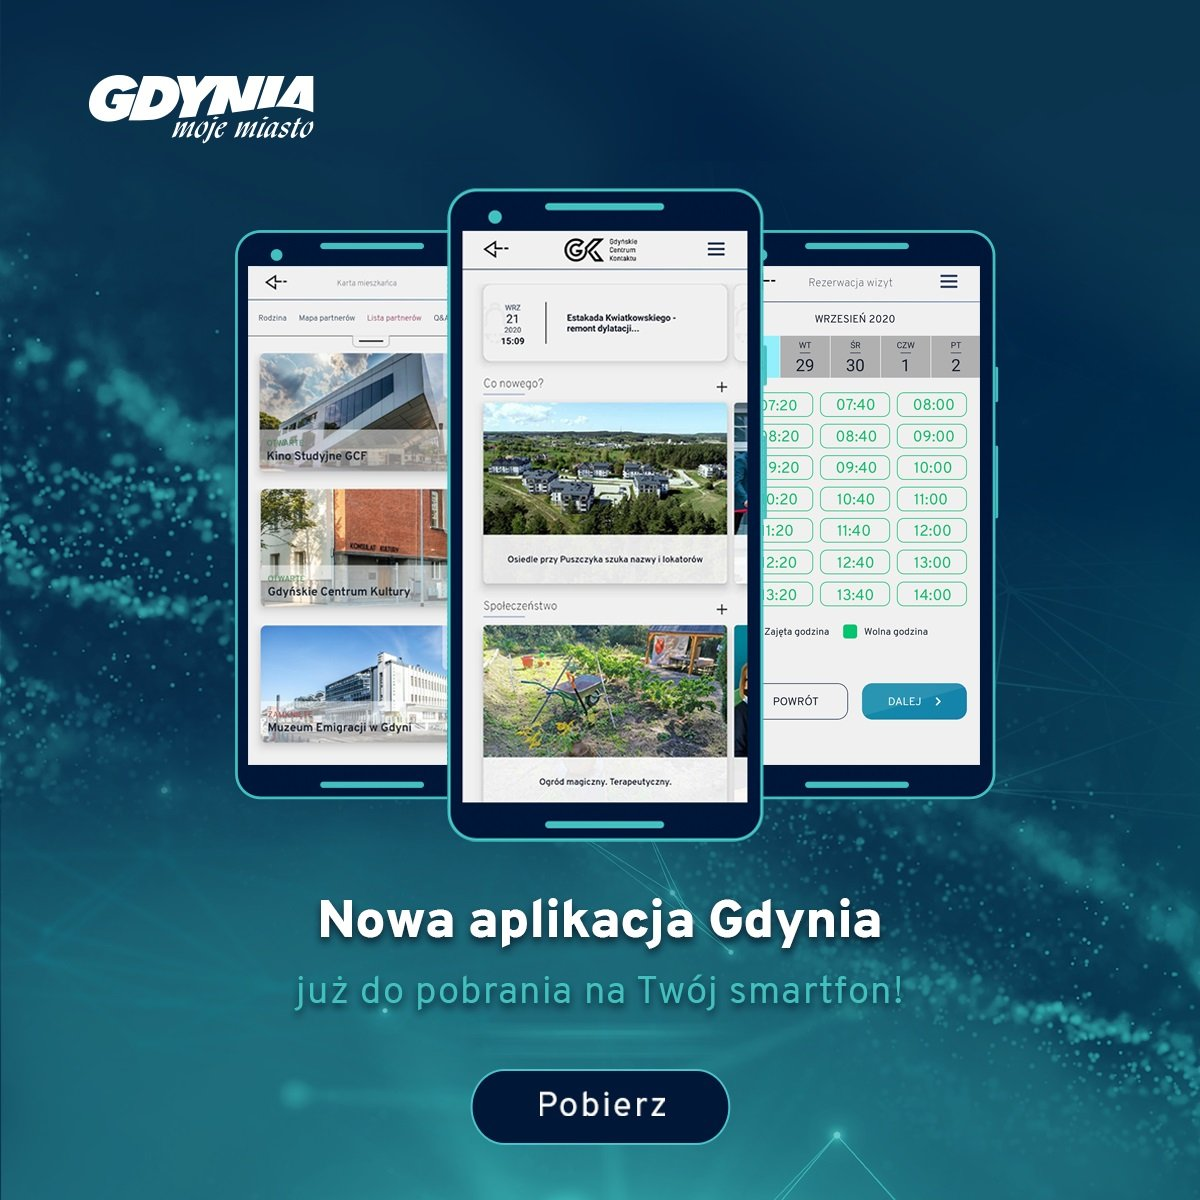 Pobierz aplikację Gdynia.pl